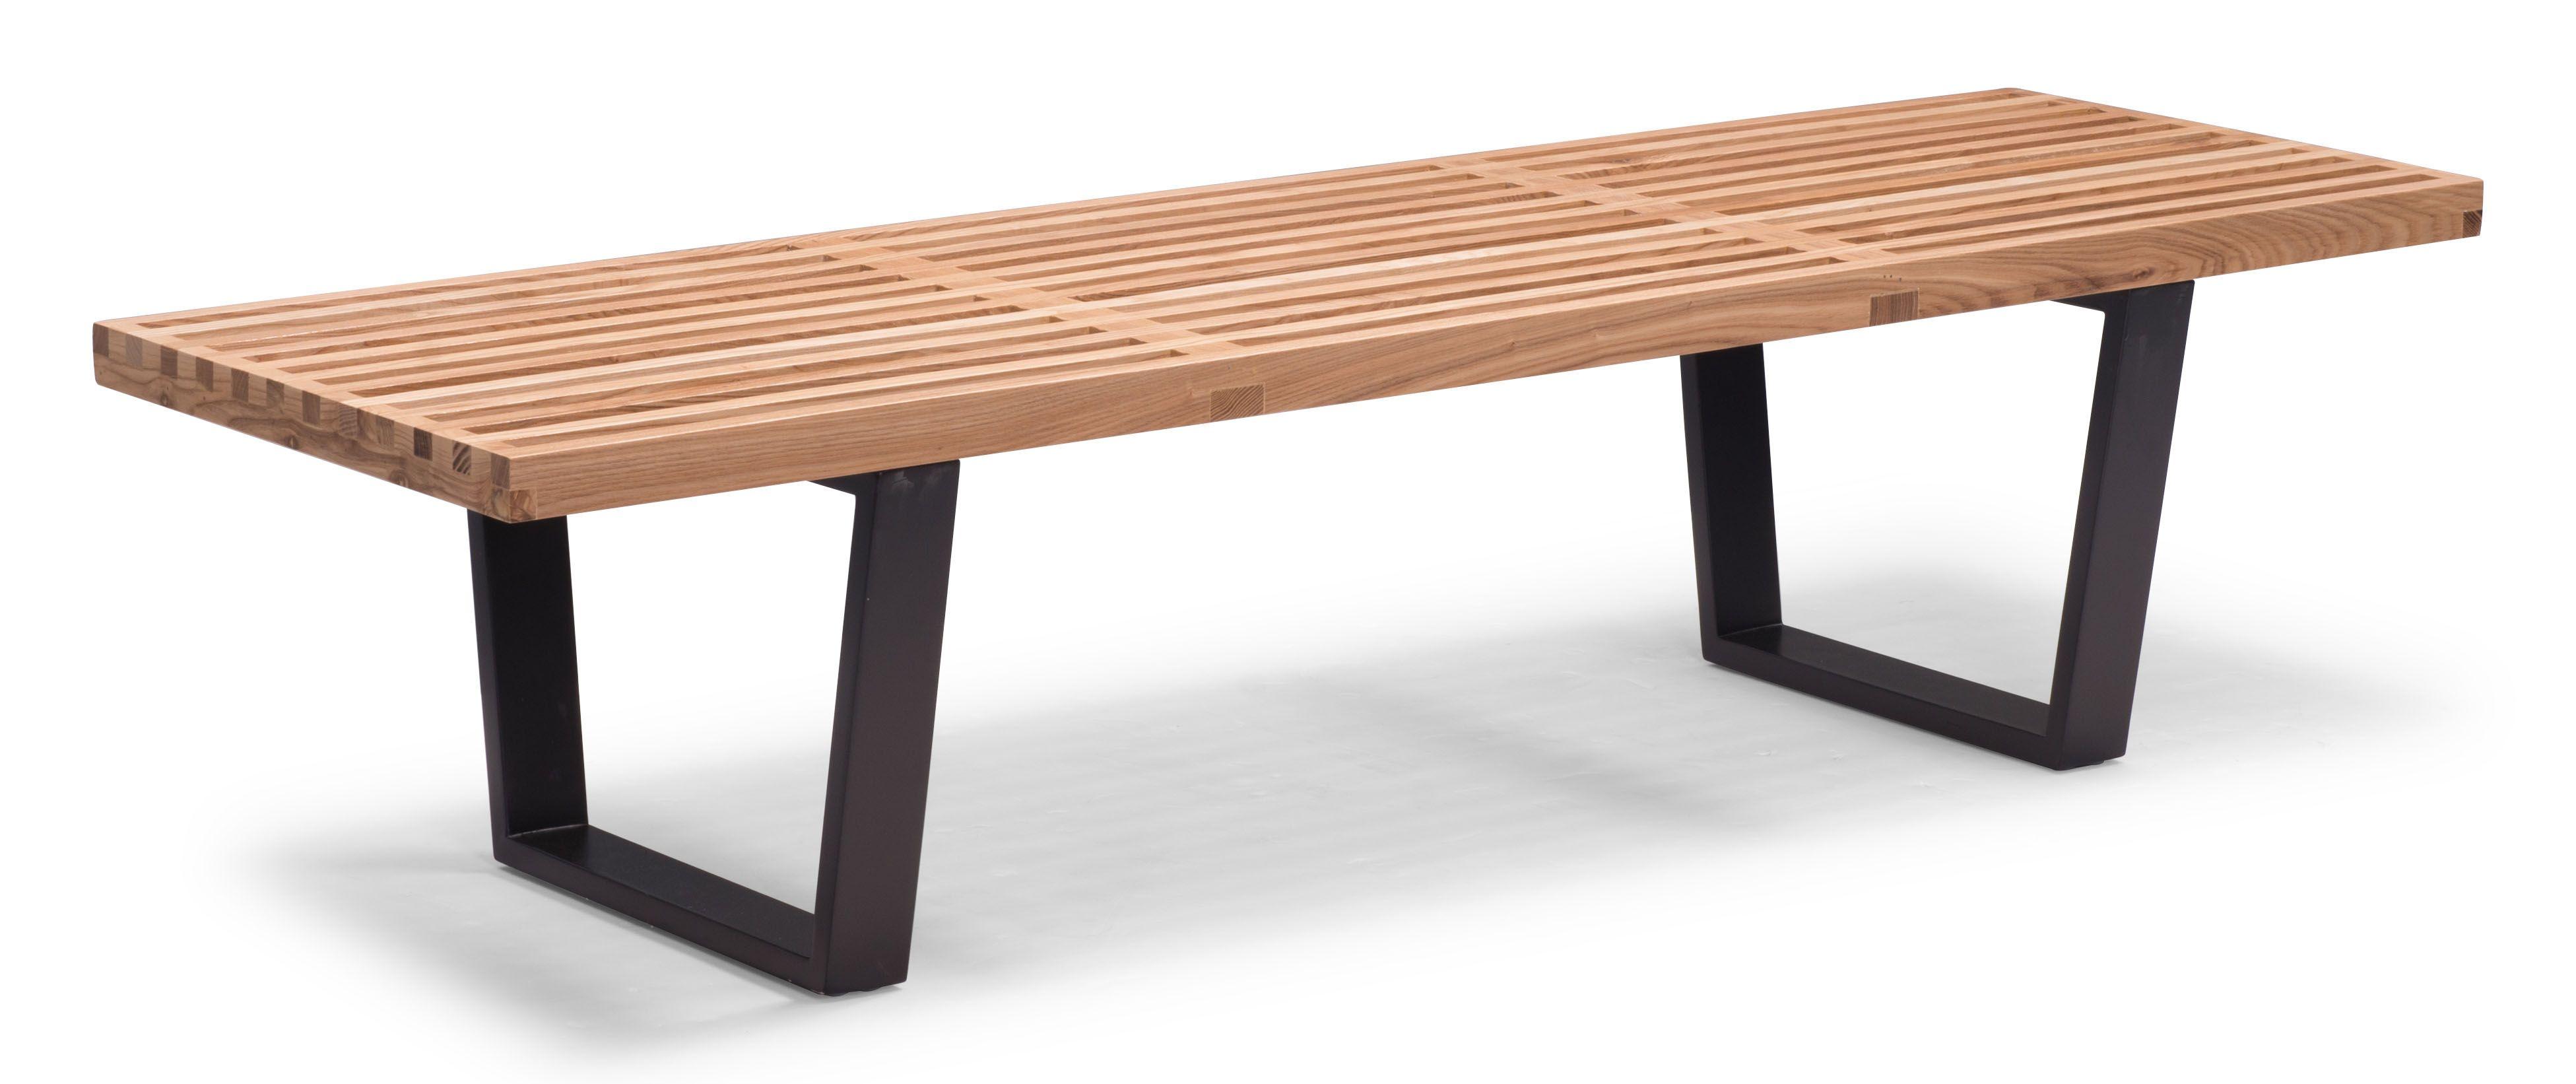 Lovisa Bench, Natural Bench furniture, Furniture, Bench